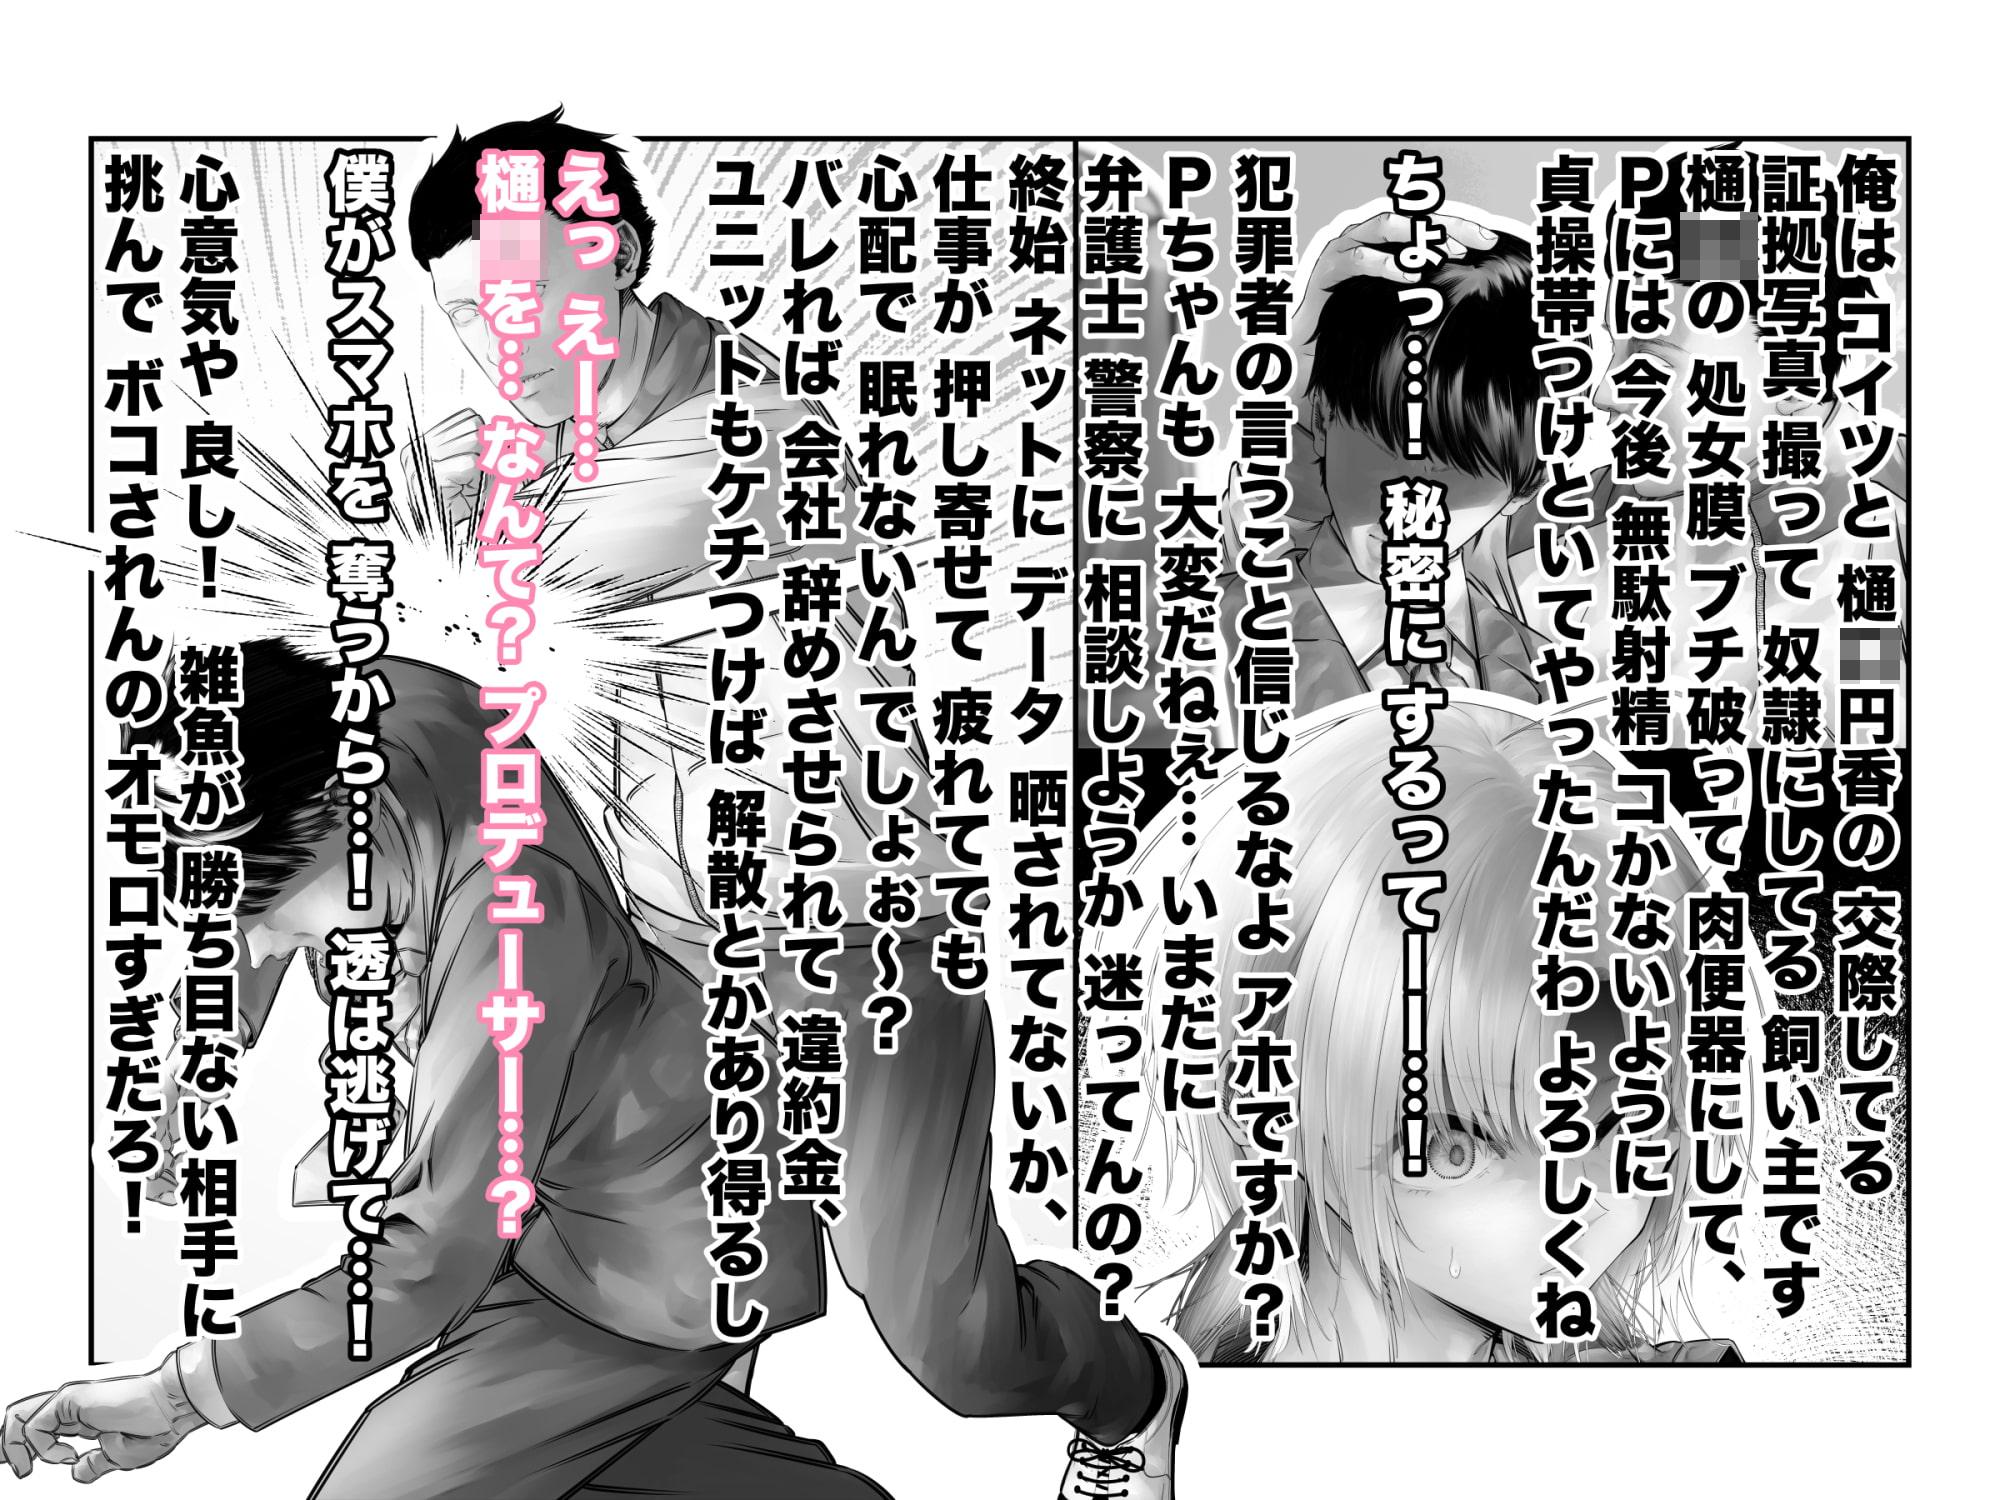 -浅▲透-身代わり強制メス媚び【同人エロ漫画】(つちくだマテリアル)6